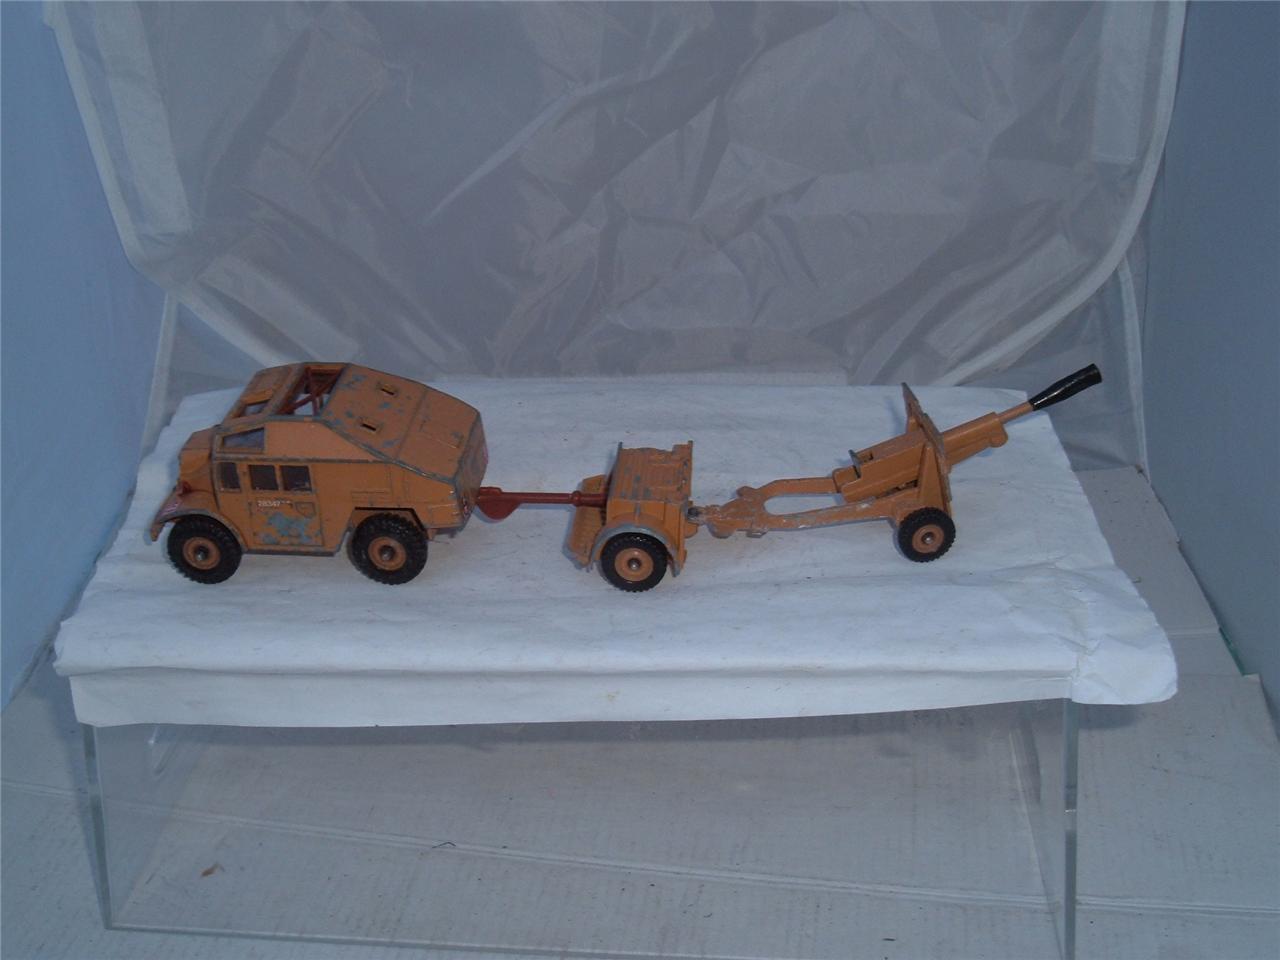 DESERT RATS MORRIS QUAD TRACTOR AMMUNITION TRAILER & FIELD GUN 1 HEADLIGHT SHORT